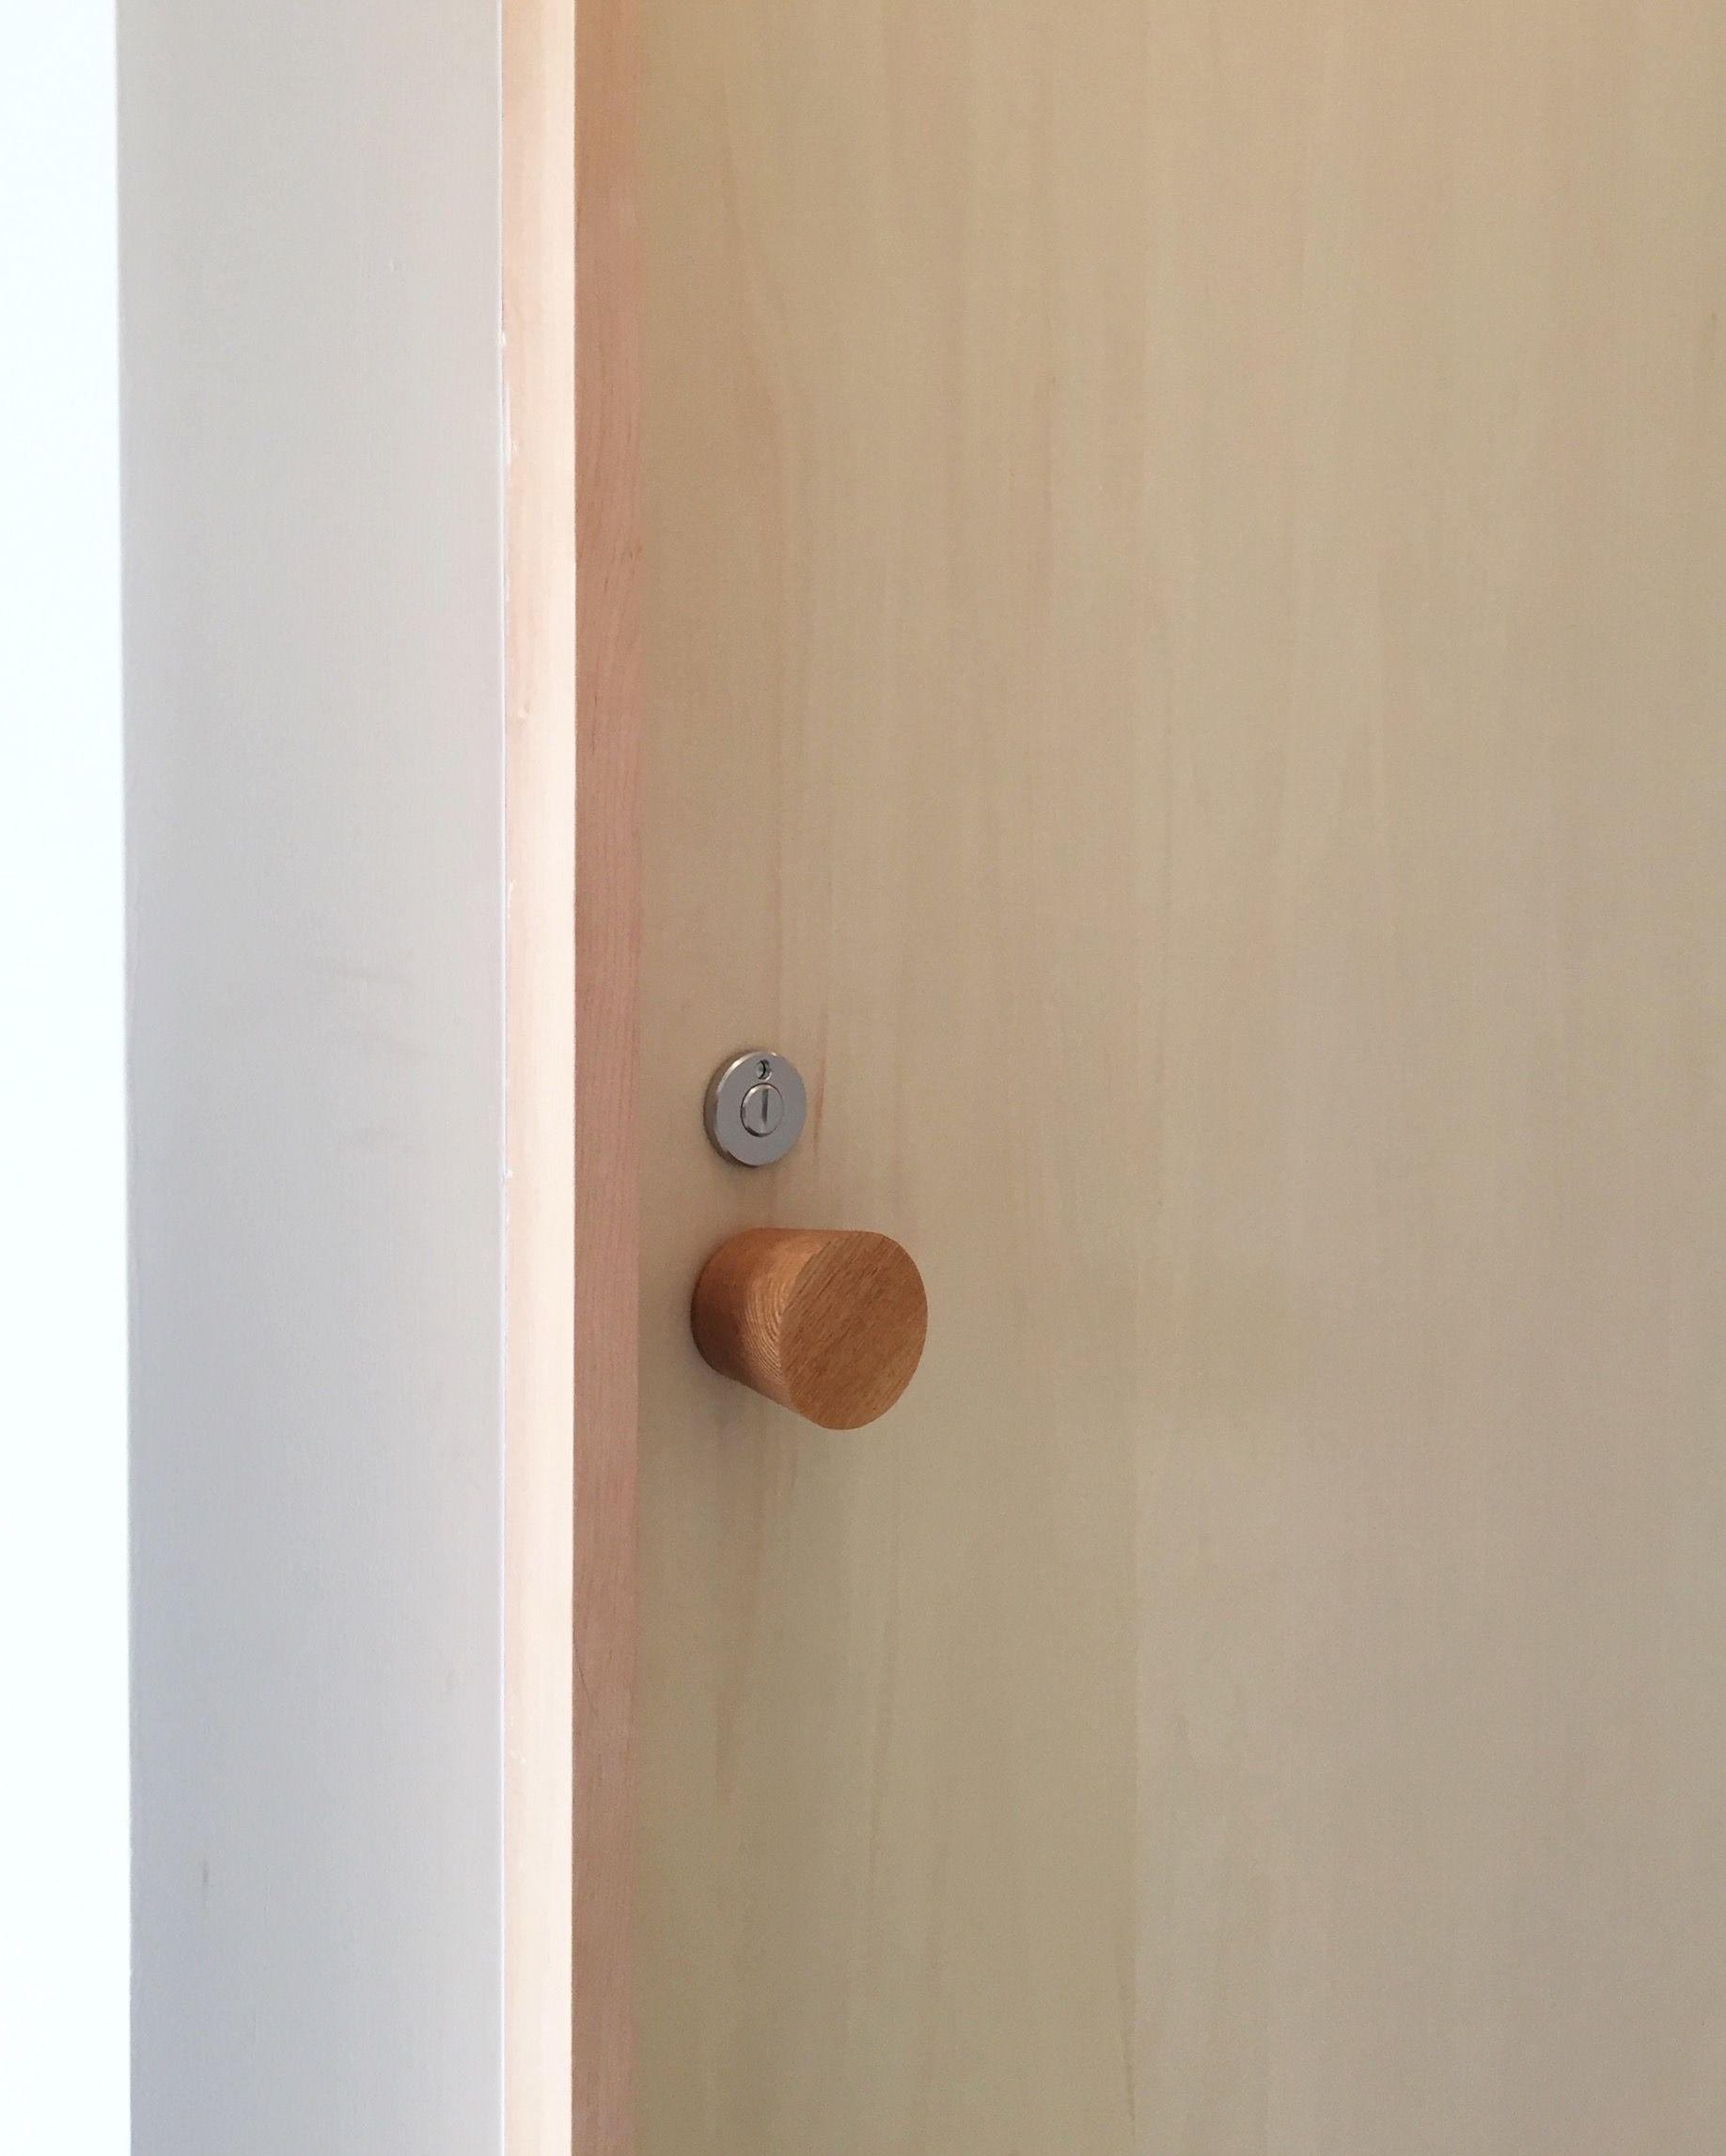 木のドアノブ 表示錠付きにしてトイレ扉にも使えます ドアノブ